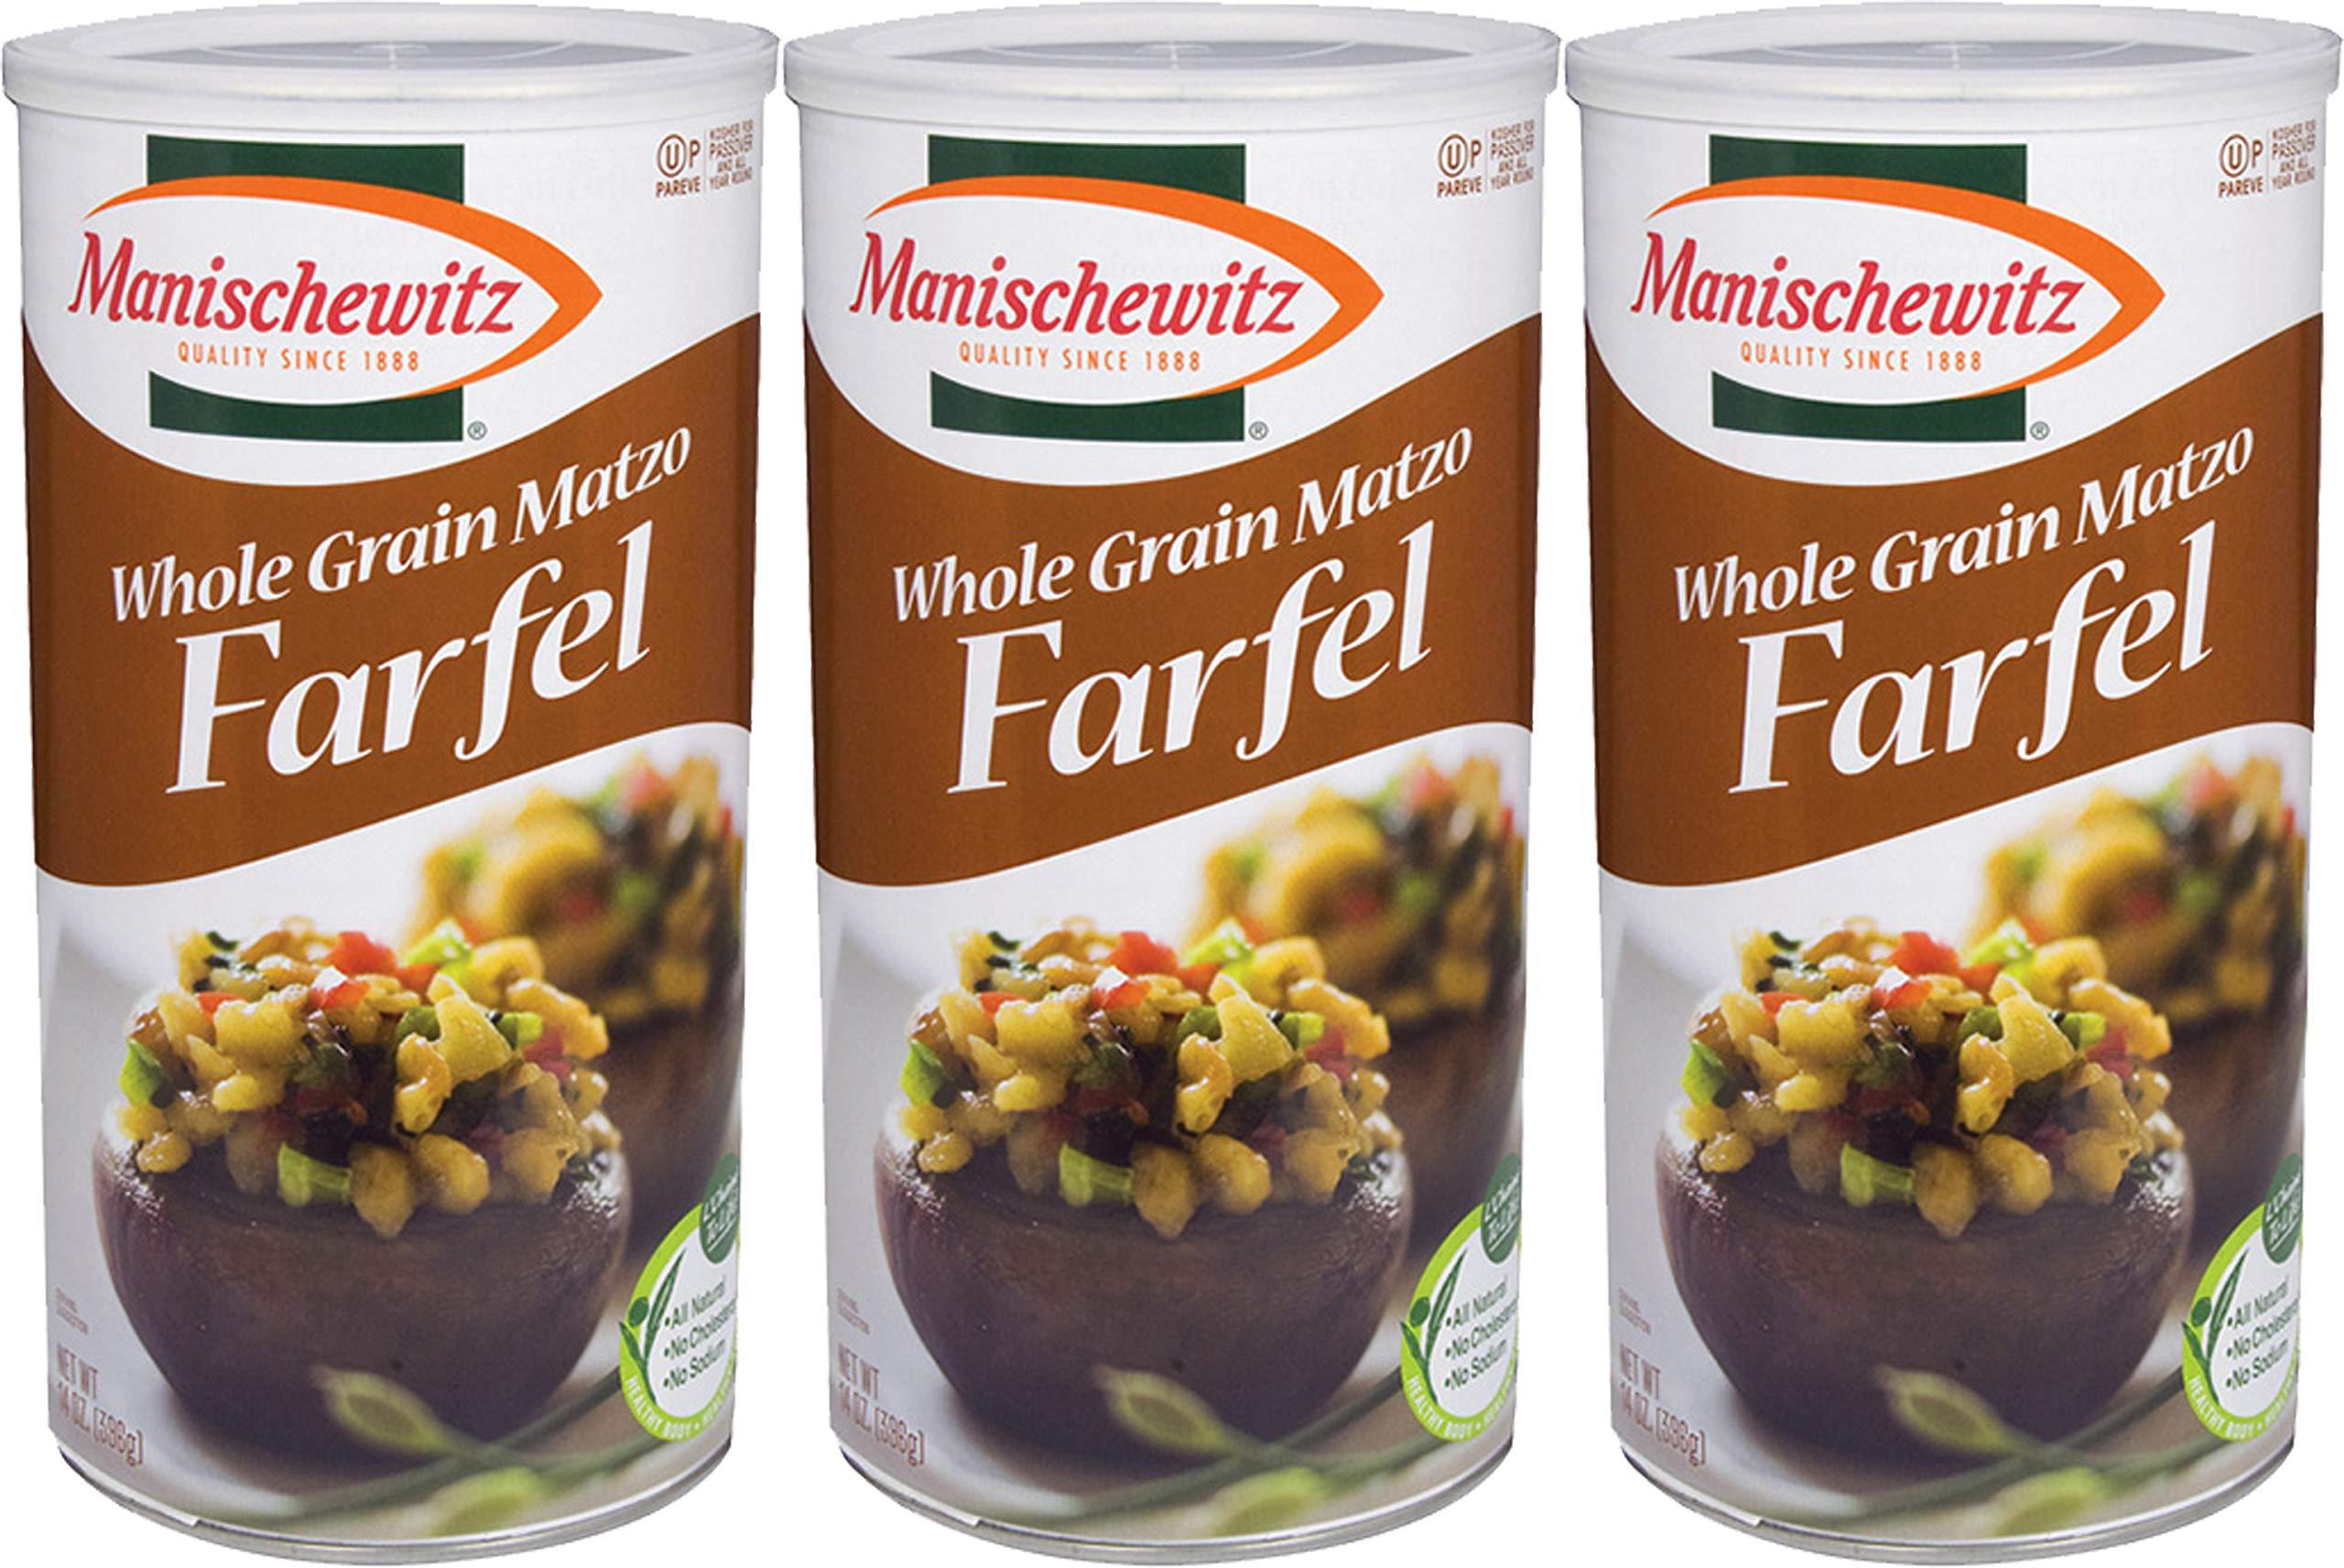 Manischewitz Whole Grain Matzo Farfel Kosher For Passover 14 Oz. PK 3.